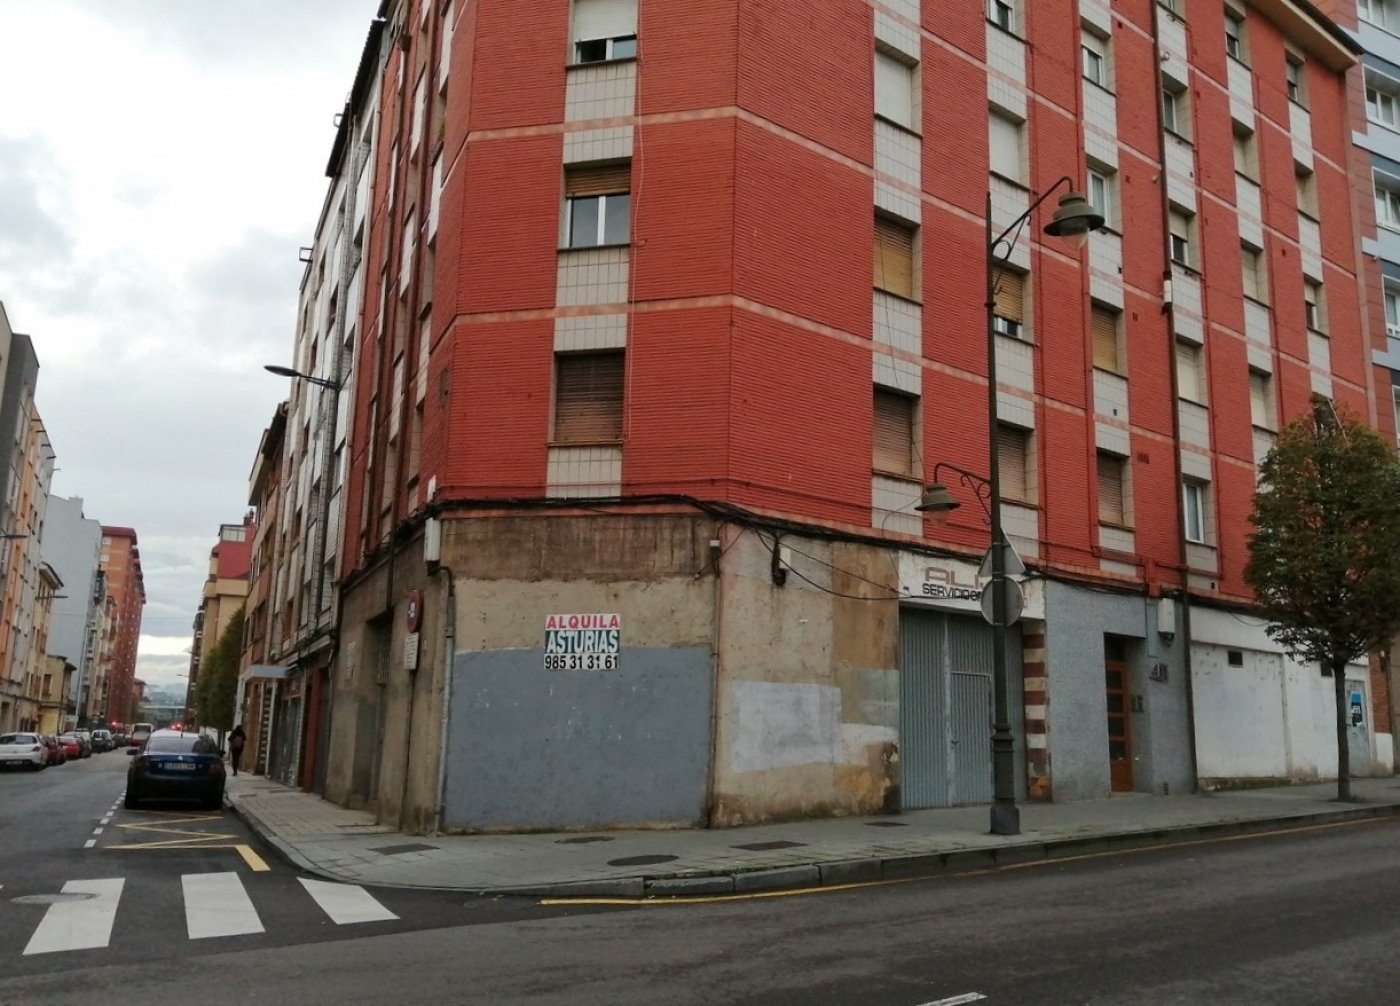 Estupenda esquina en la avenida de galicia - imagenInmueble4